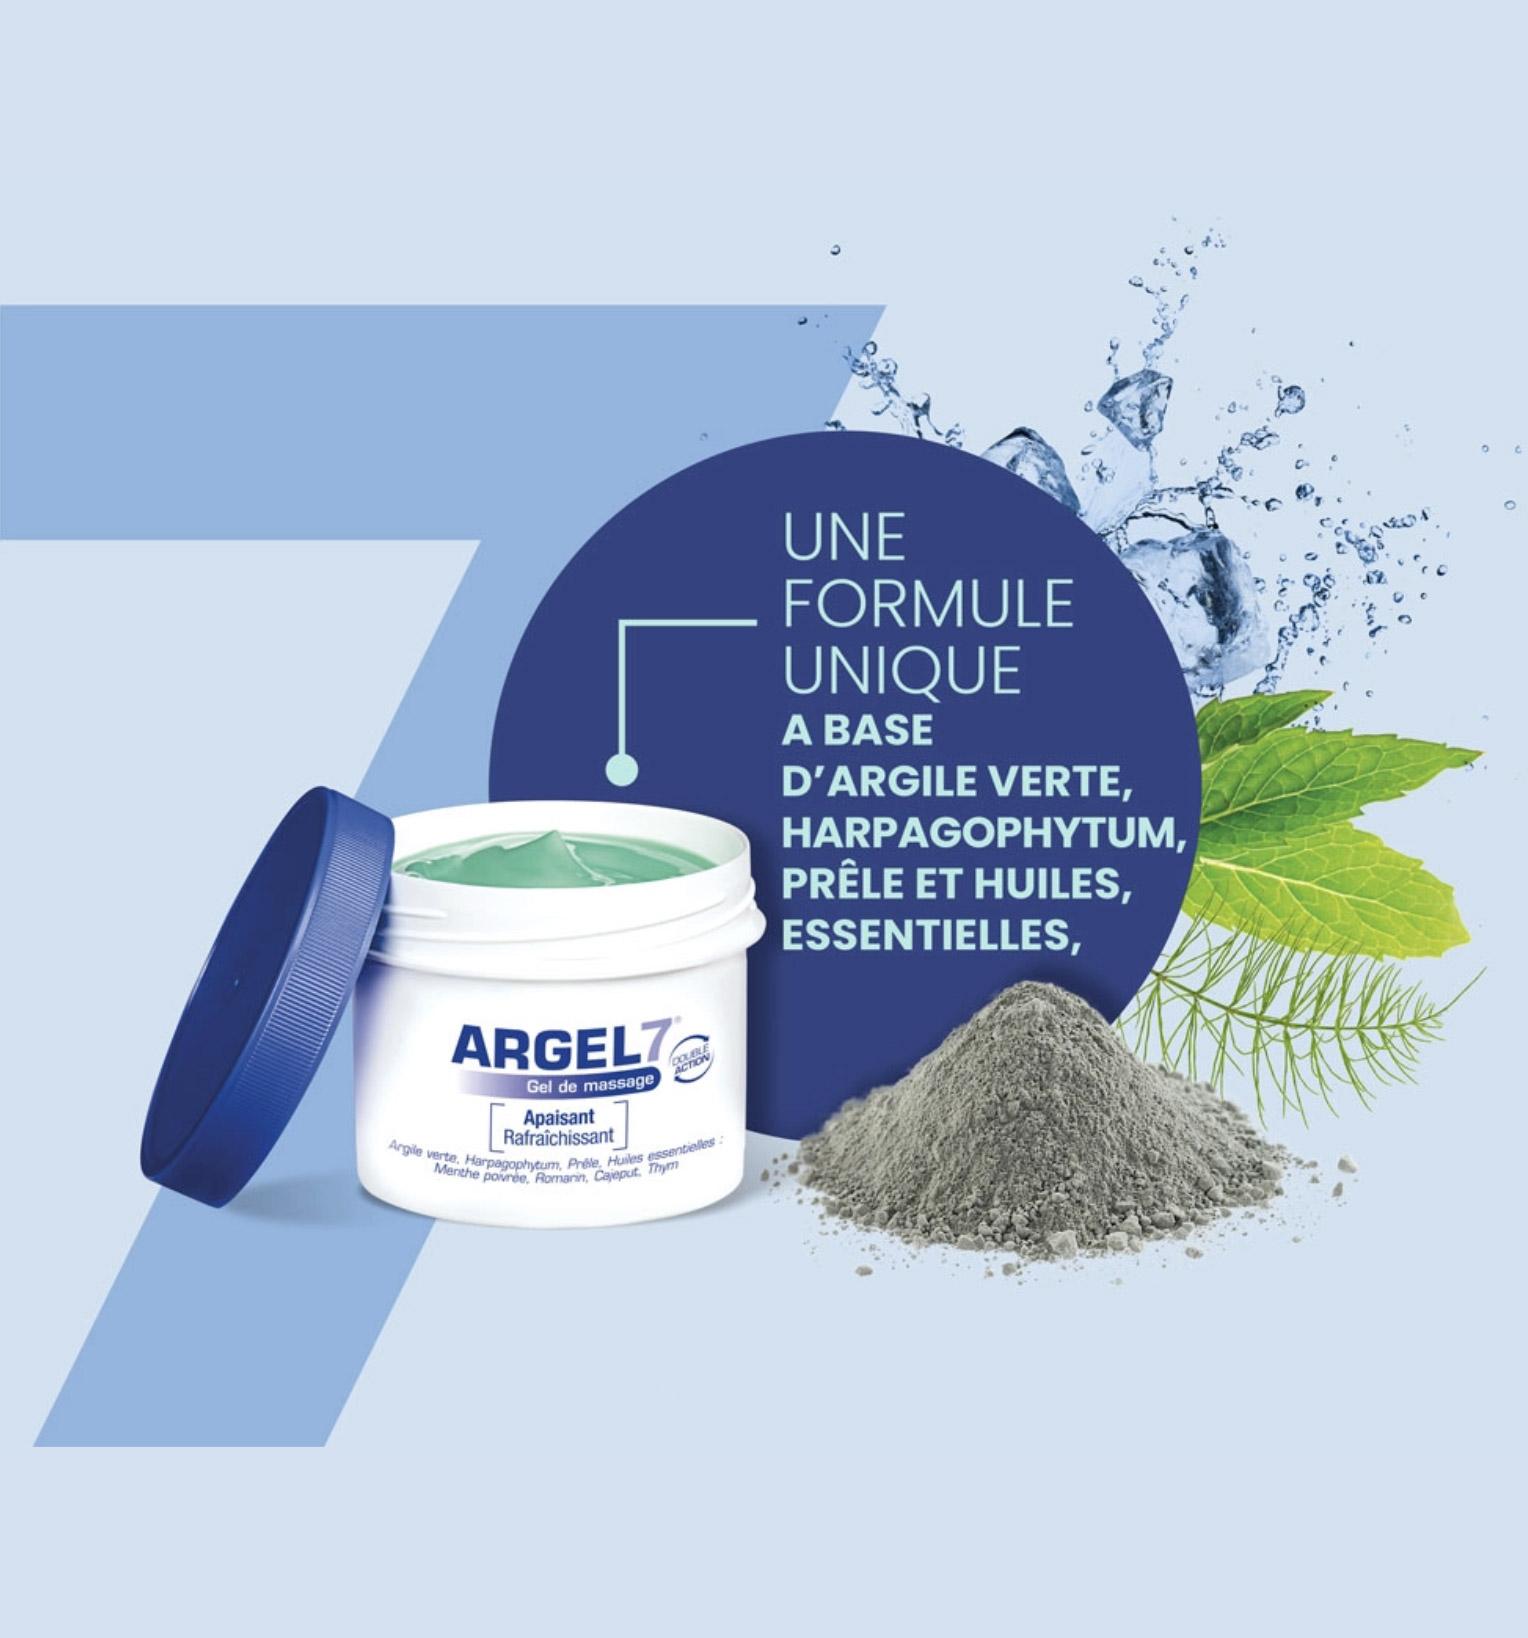 Gel de massage Argel 7 | Laboratoire NaturAvignon